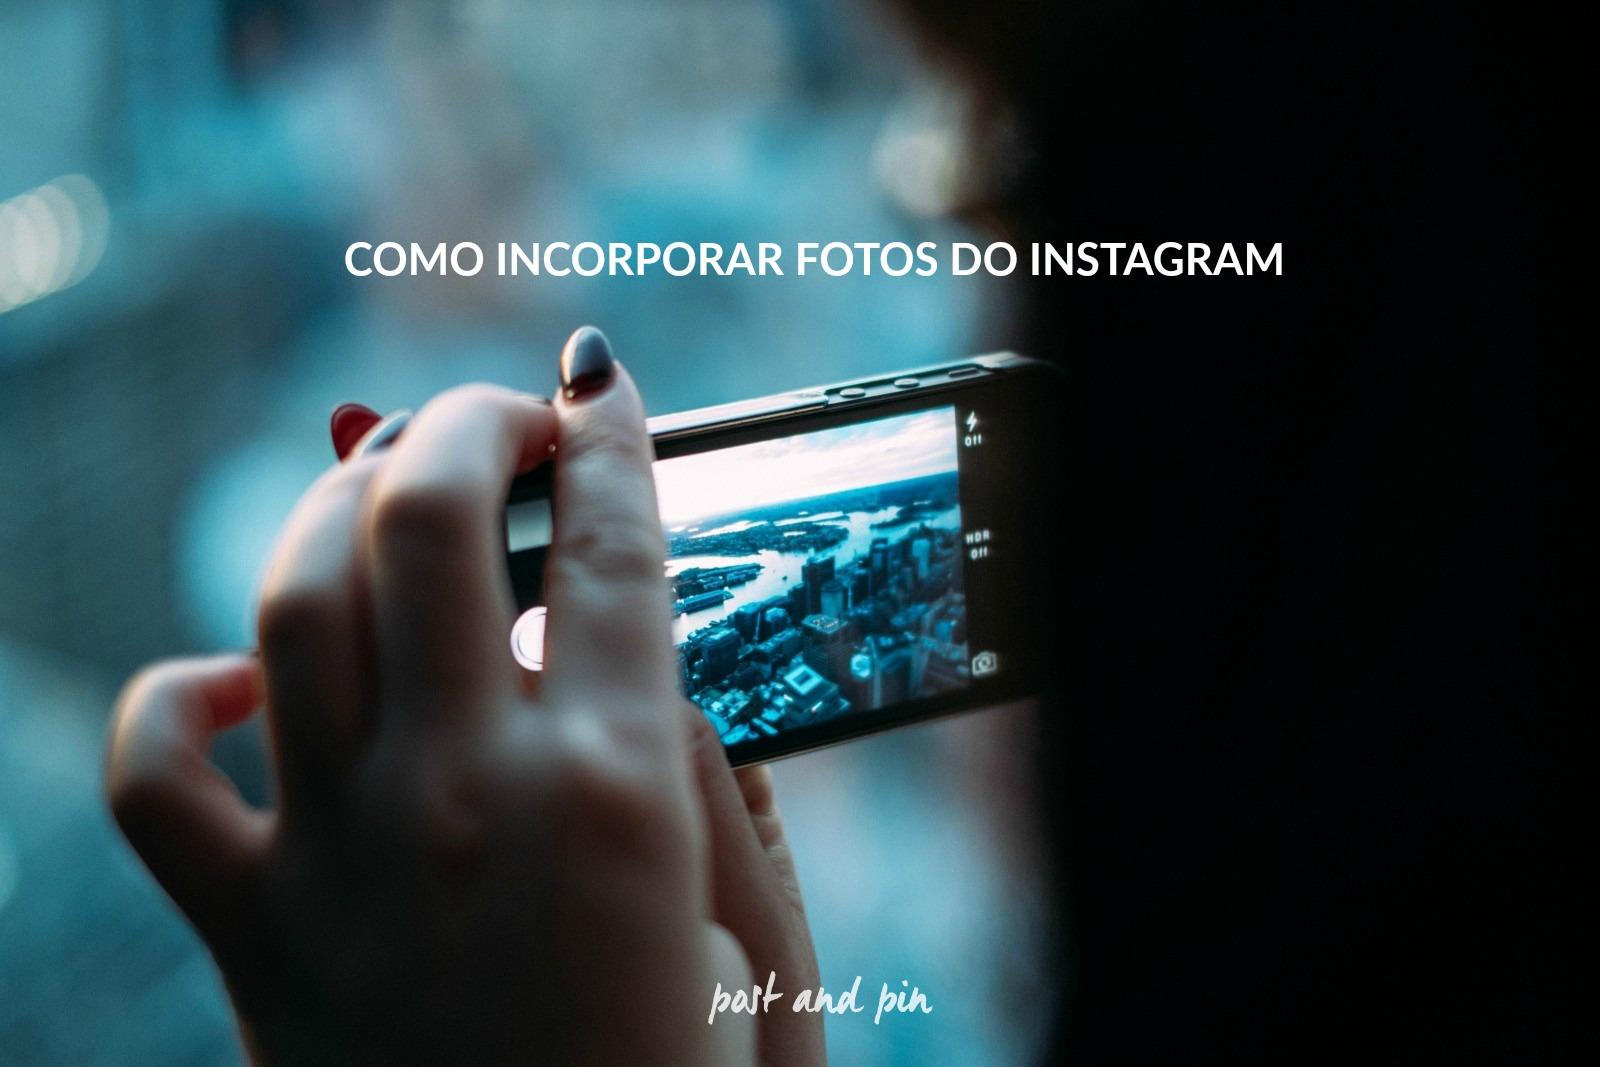 Como incorporar fotos do Instagram